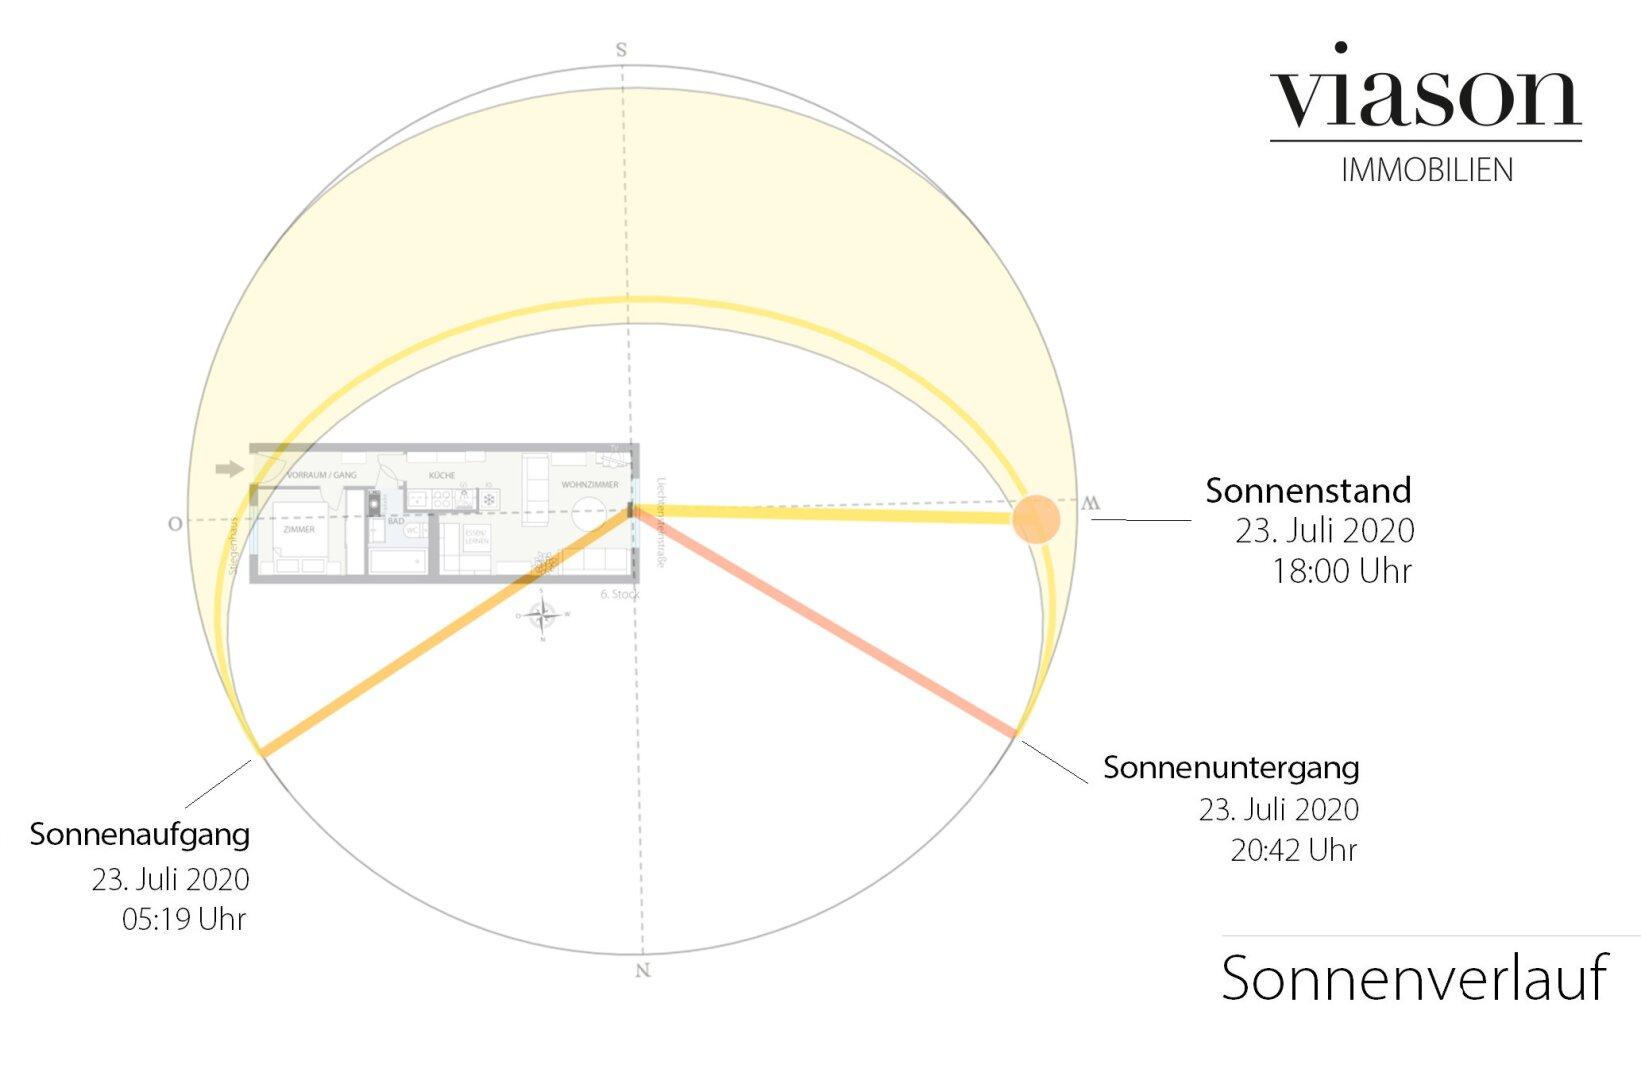 Sonnenverlauf